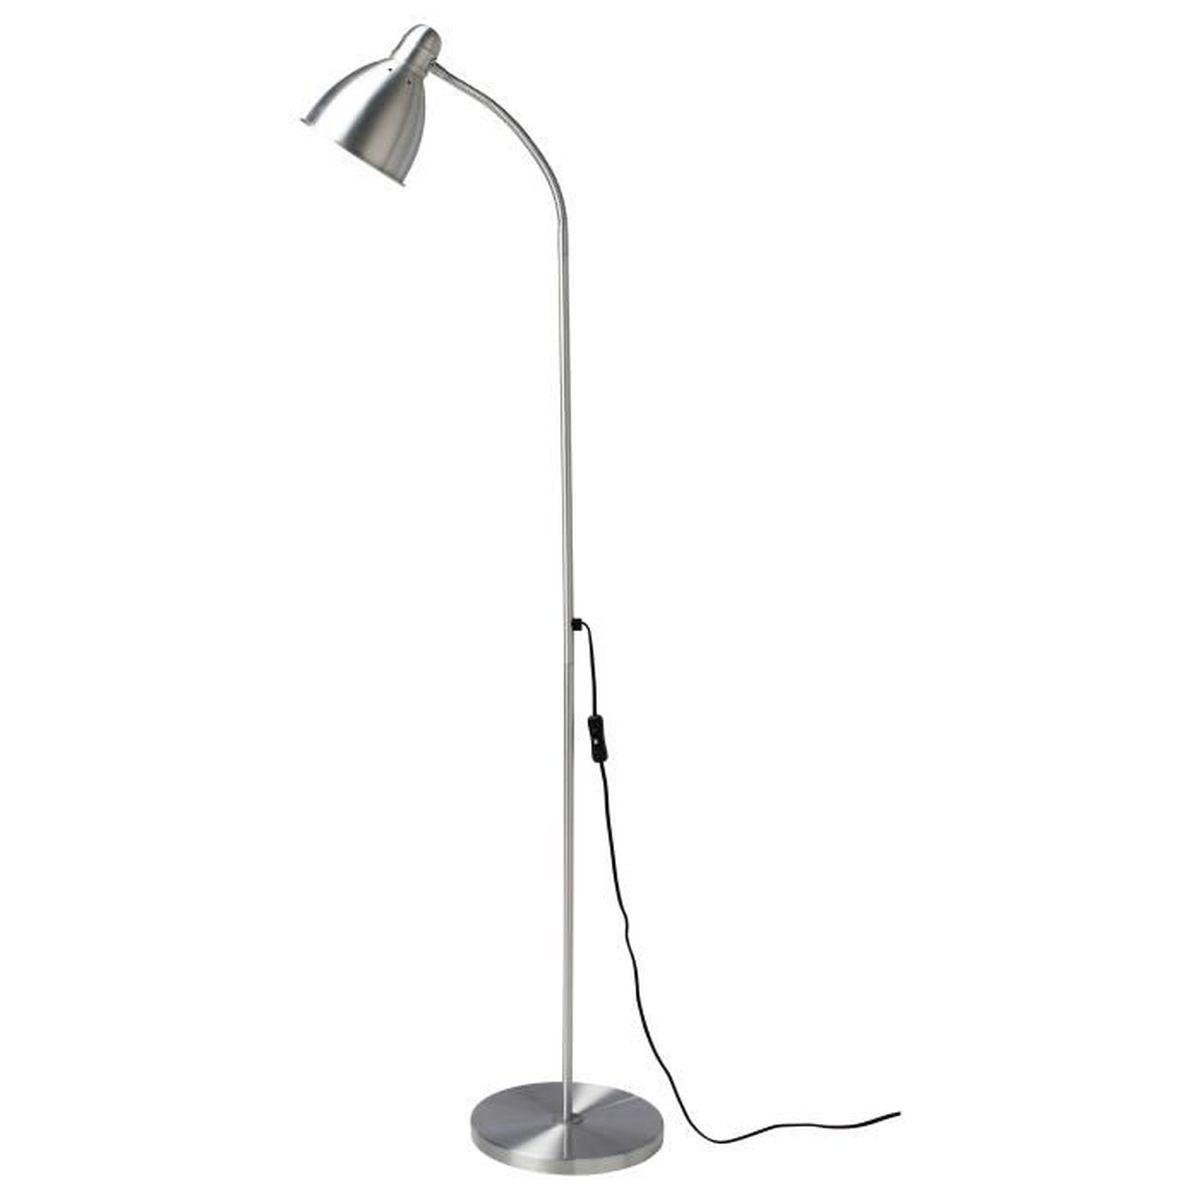 Cadre Photo Sur Pied Ikea ikea - lampadaire liseuse - hauteur 131cm - achat / vente